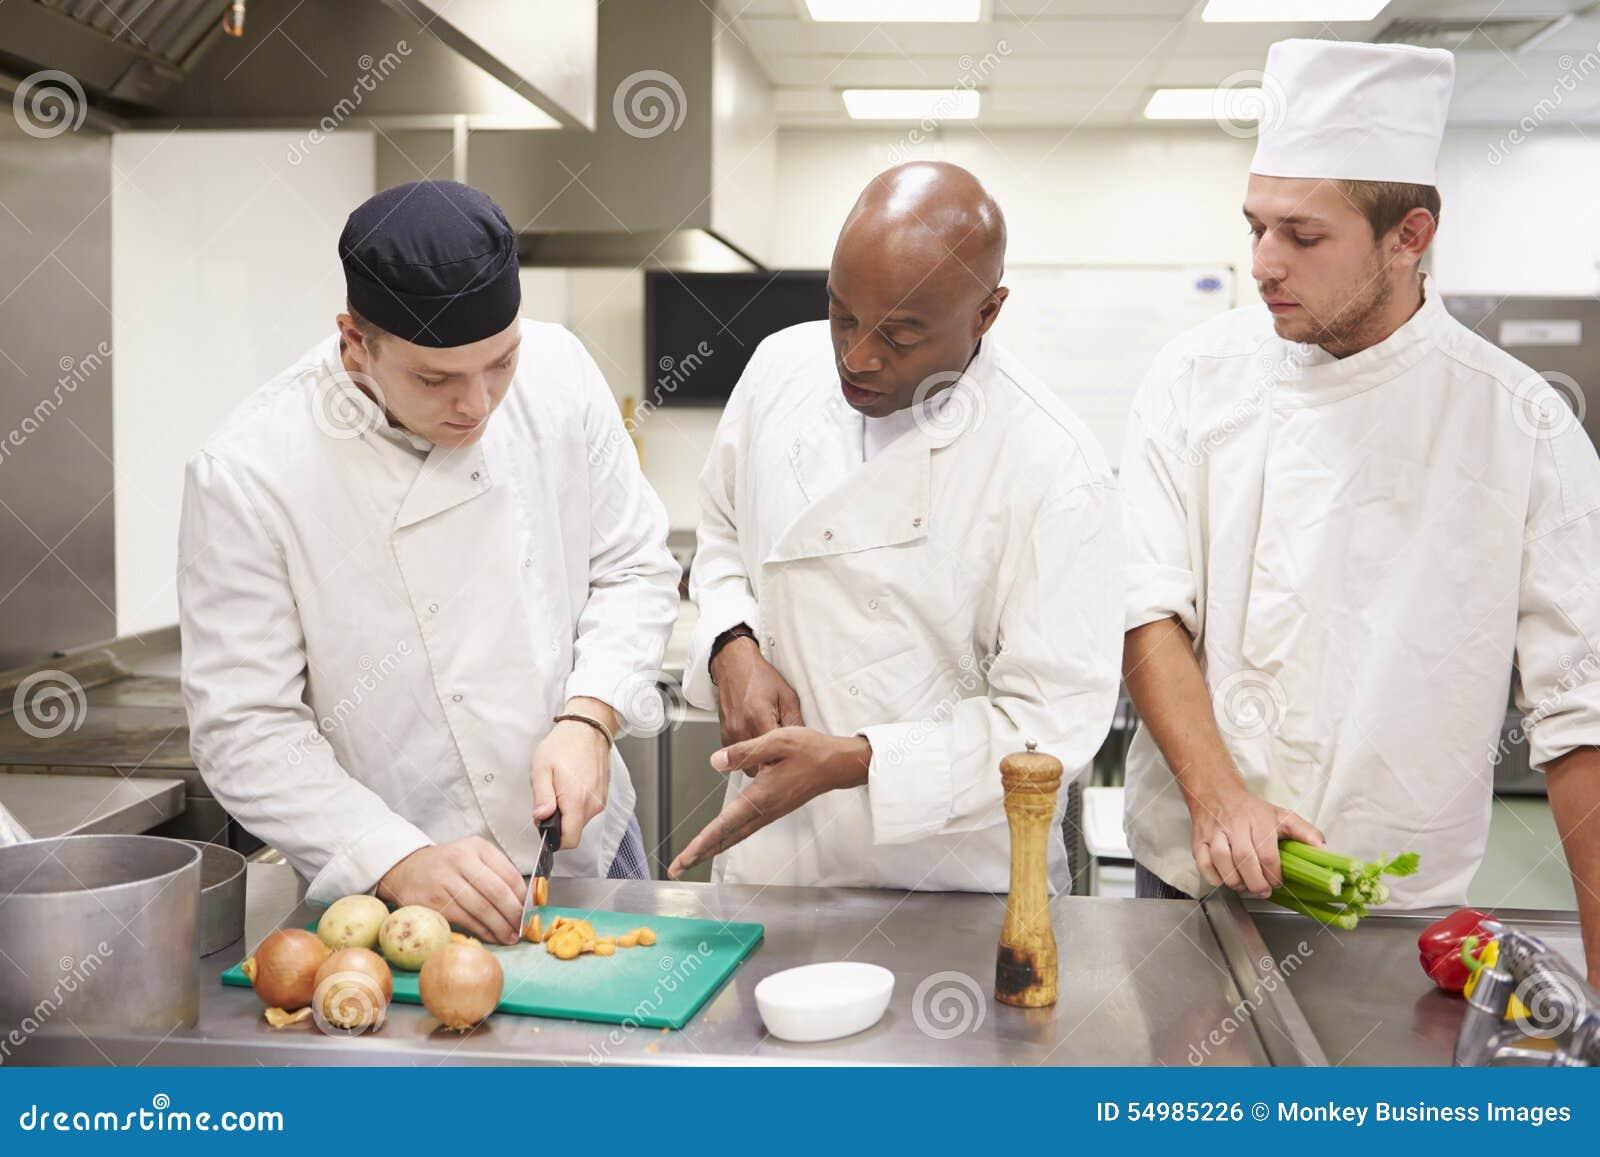 Lärare Helping Students Training som arbetar, i att sköta om